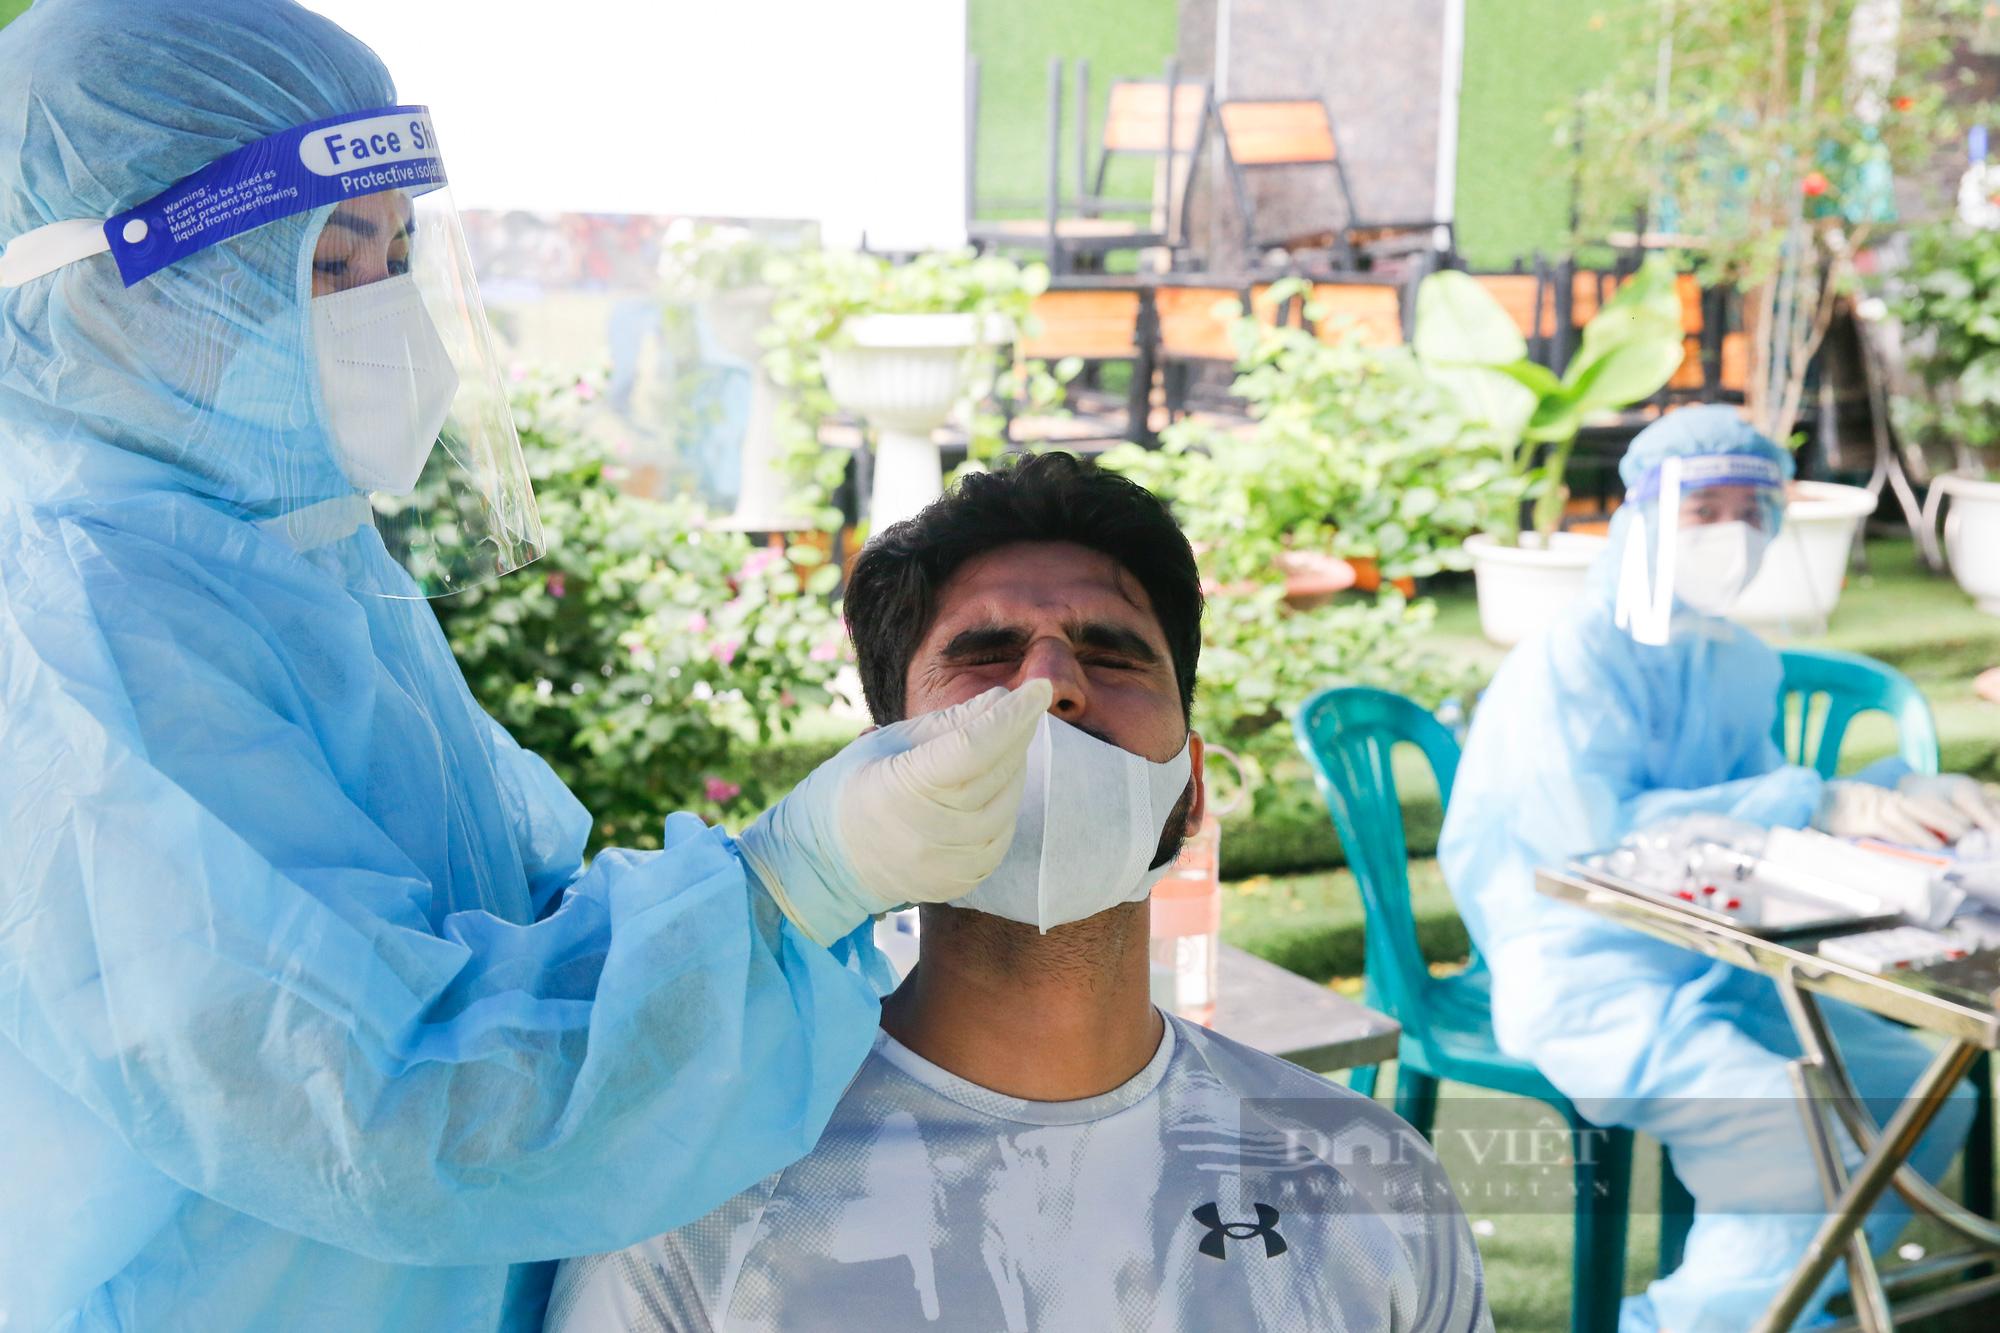 Tiêm vaccine Covid-19 cho hàng trăm người nước ngoài mỗi ngày tại Hà Nội - Ảnh 5.